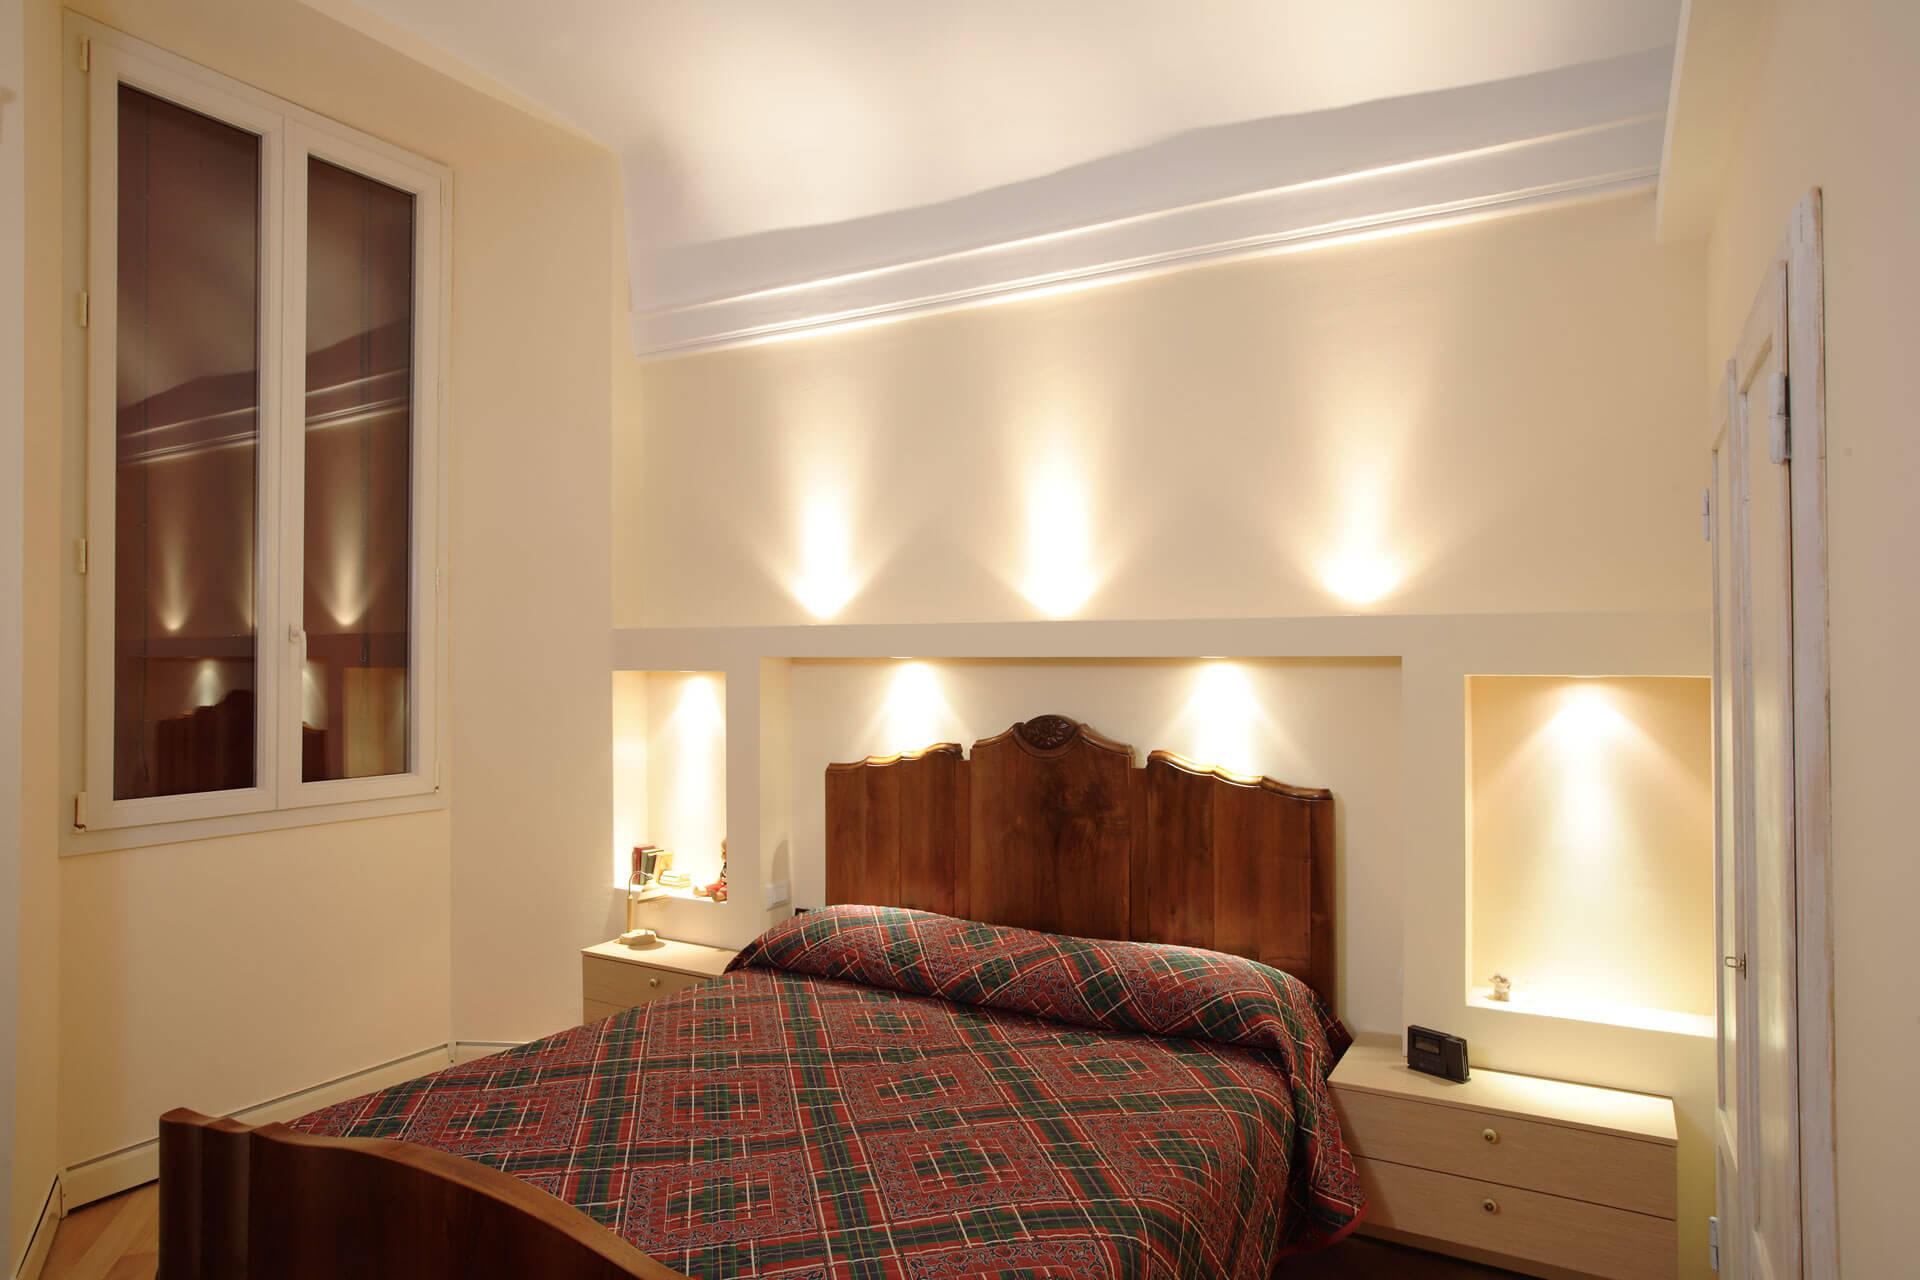 micaela-mazzoni-studio-interior-designer-bologna-progetti-abitativi-gallery-appartamento-via-cesare-battisti-bologna-7